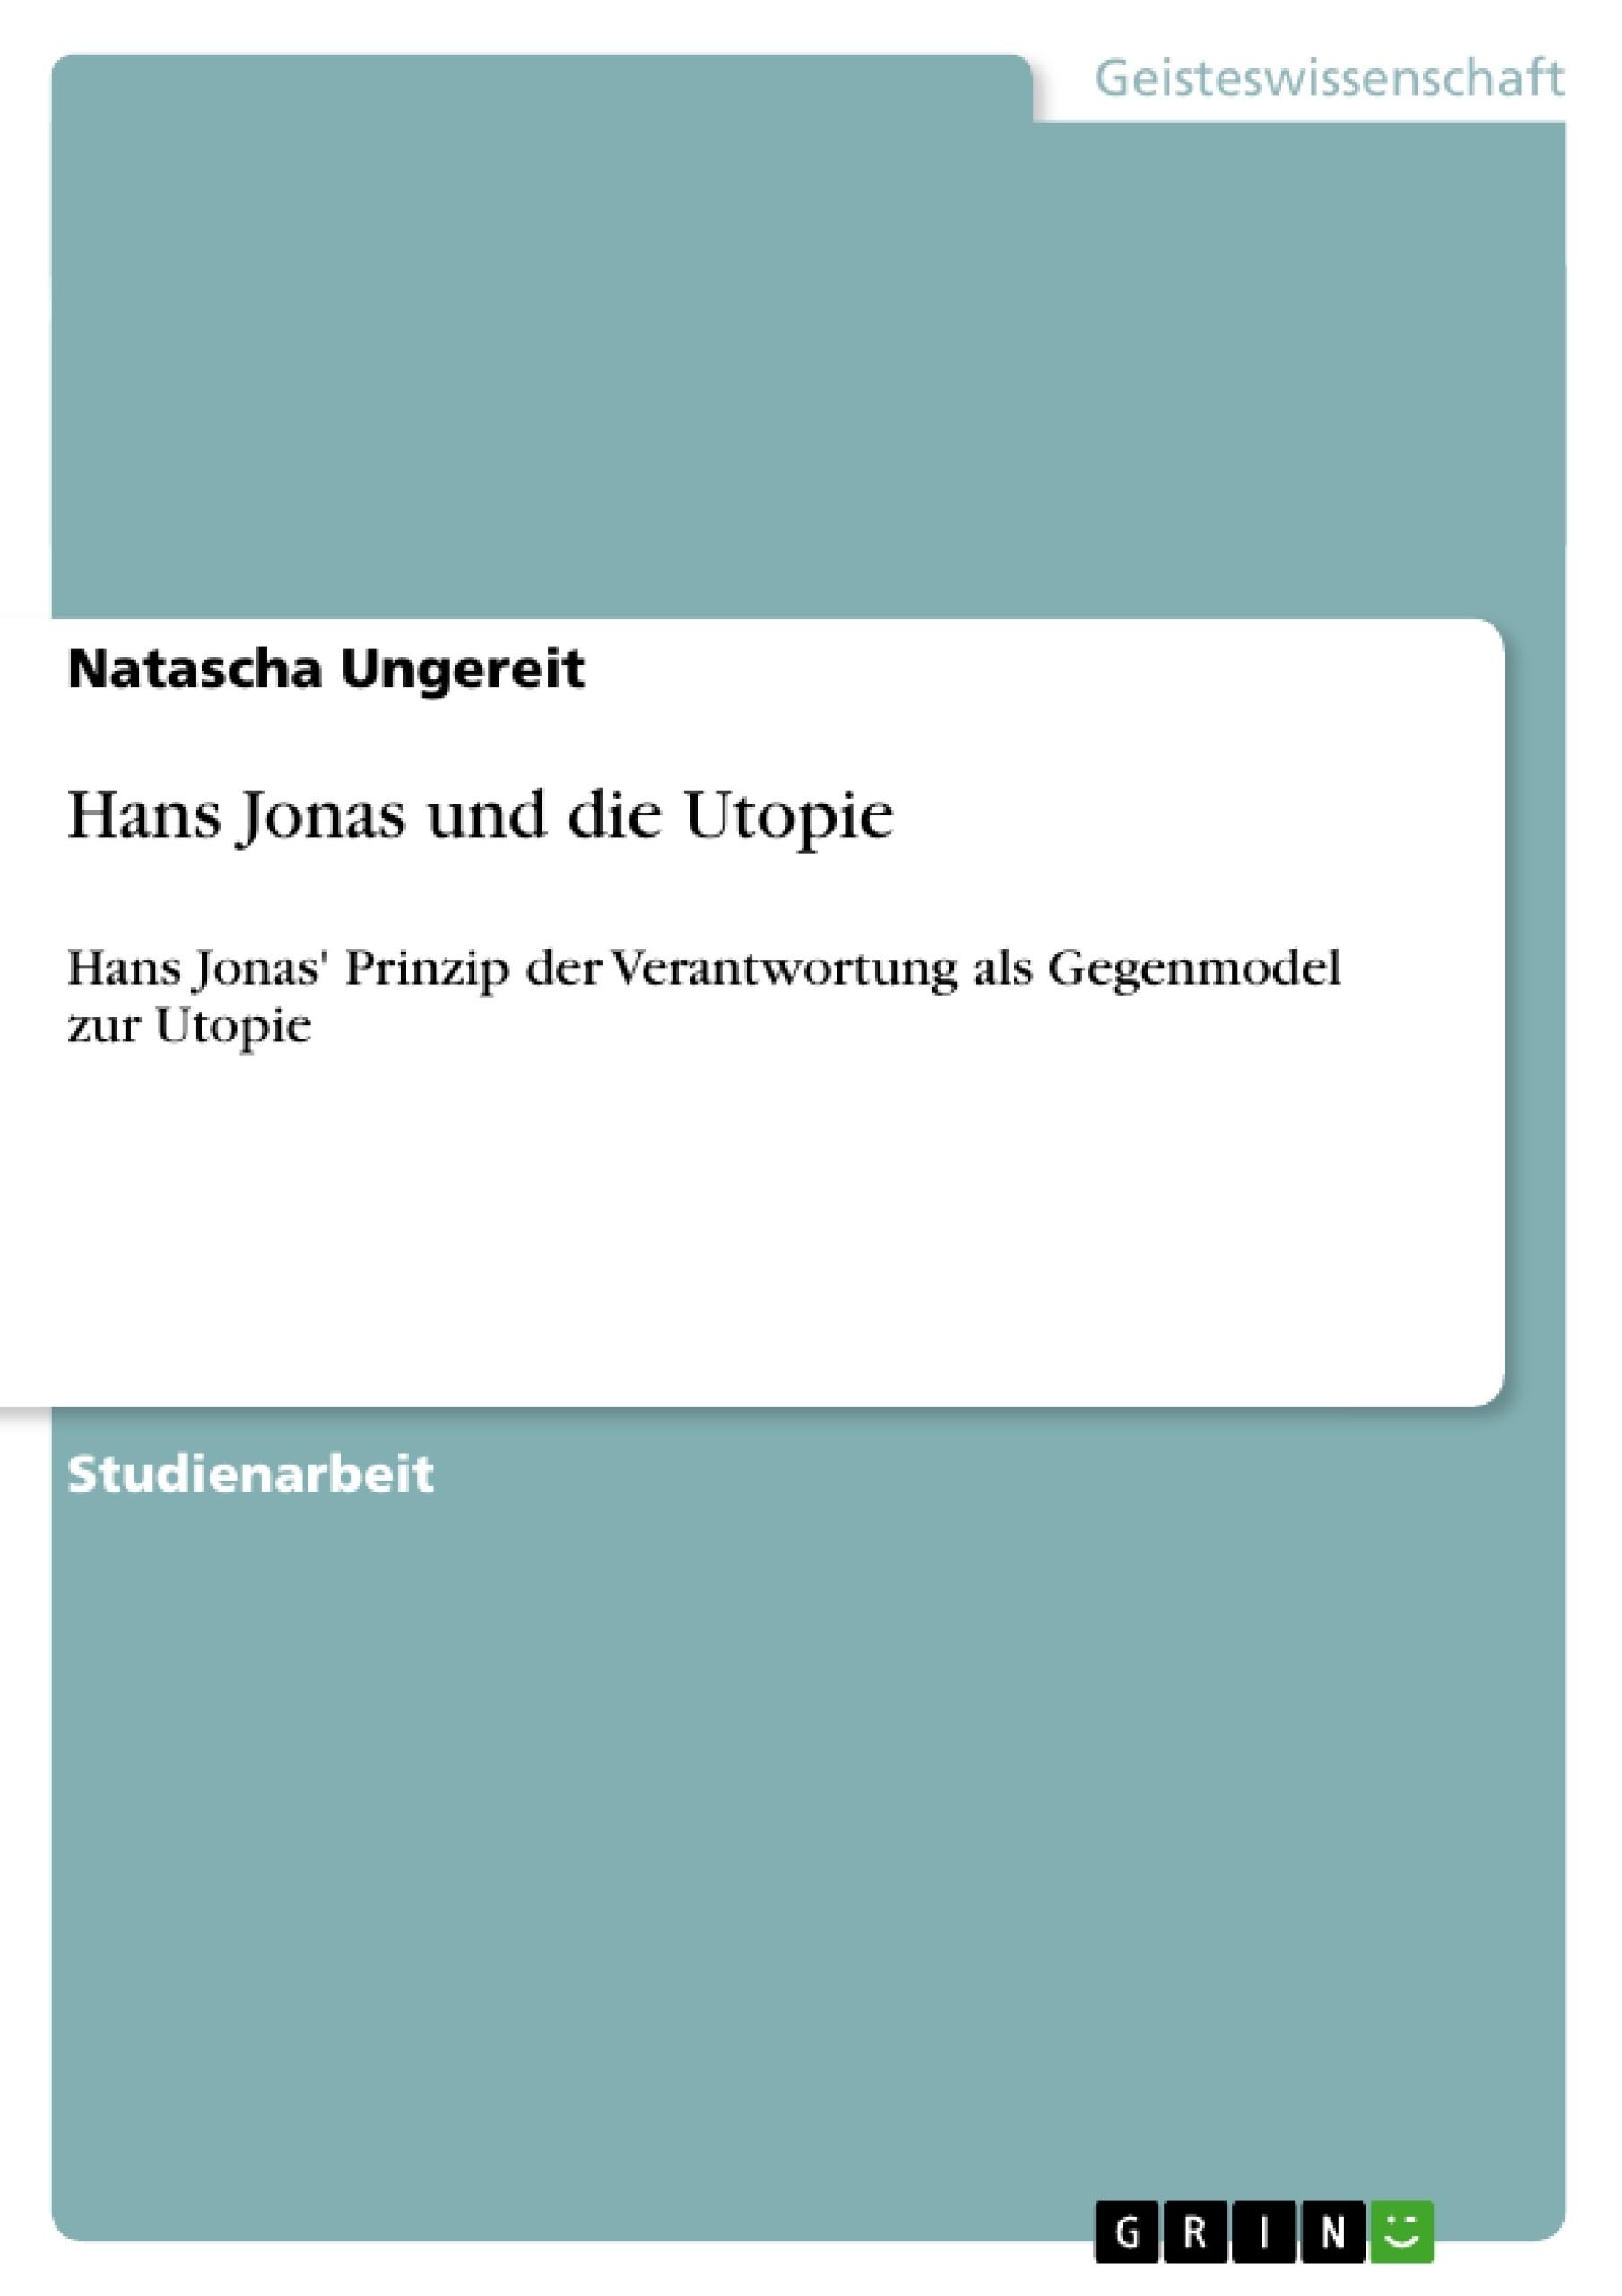 Titel: Hans Jonas und die Utopie